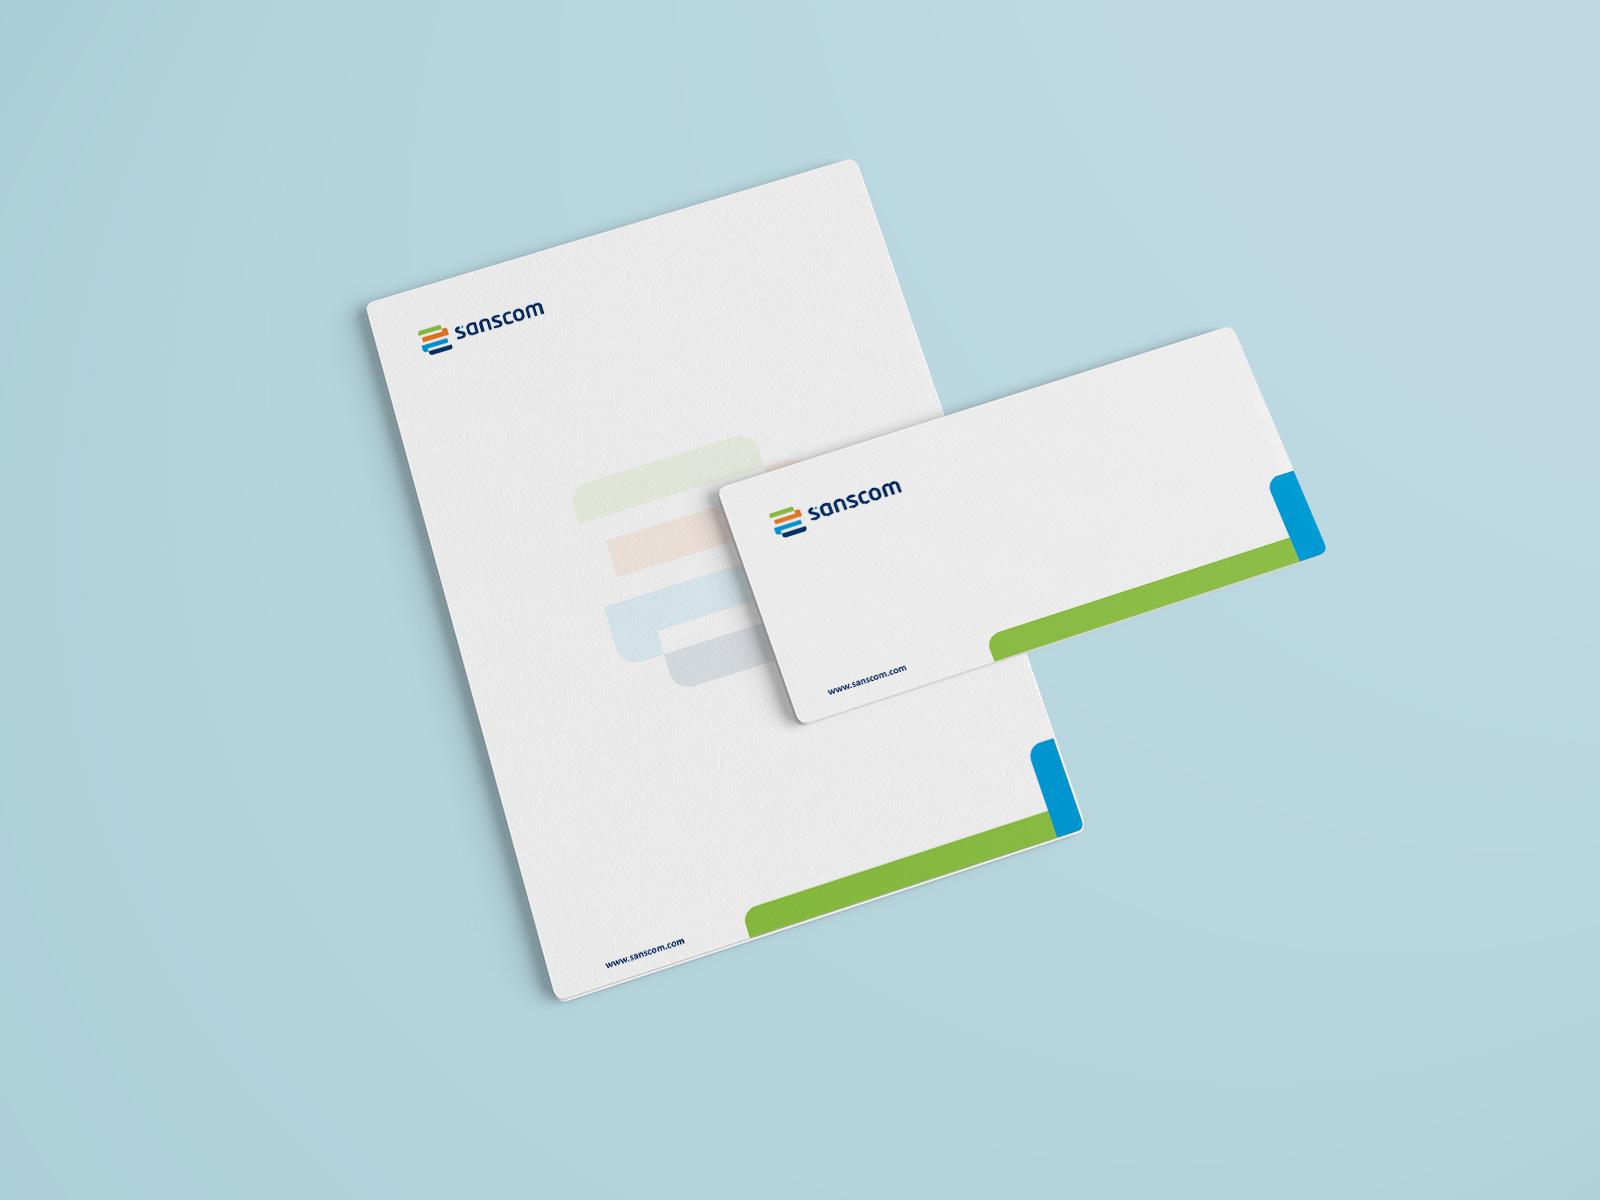 Sanscom letterhead and envelope